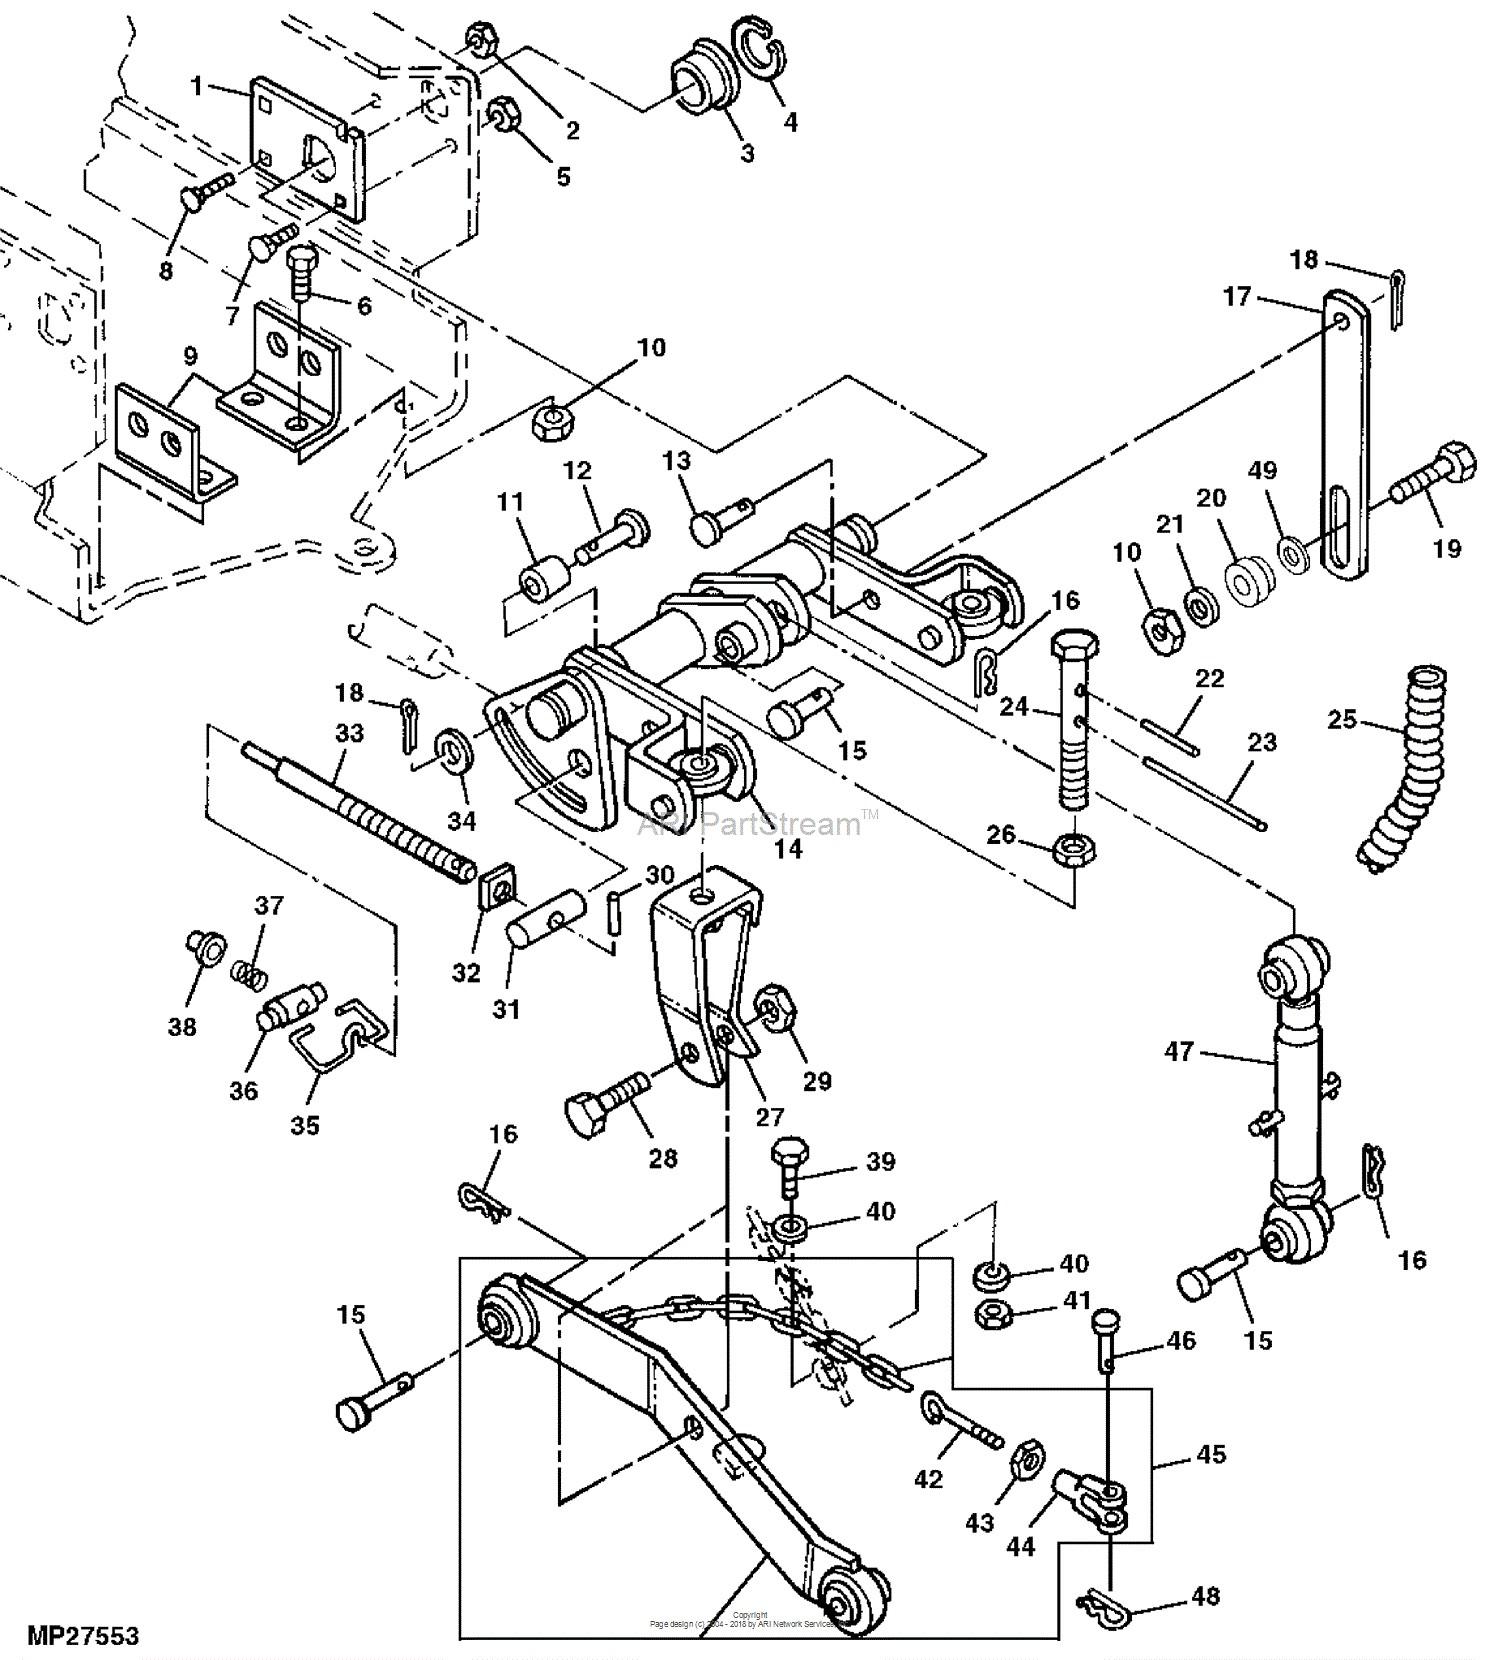 3 point hitch parts diagram